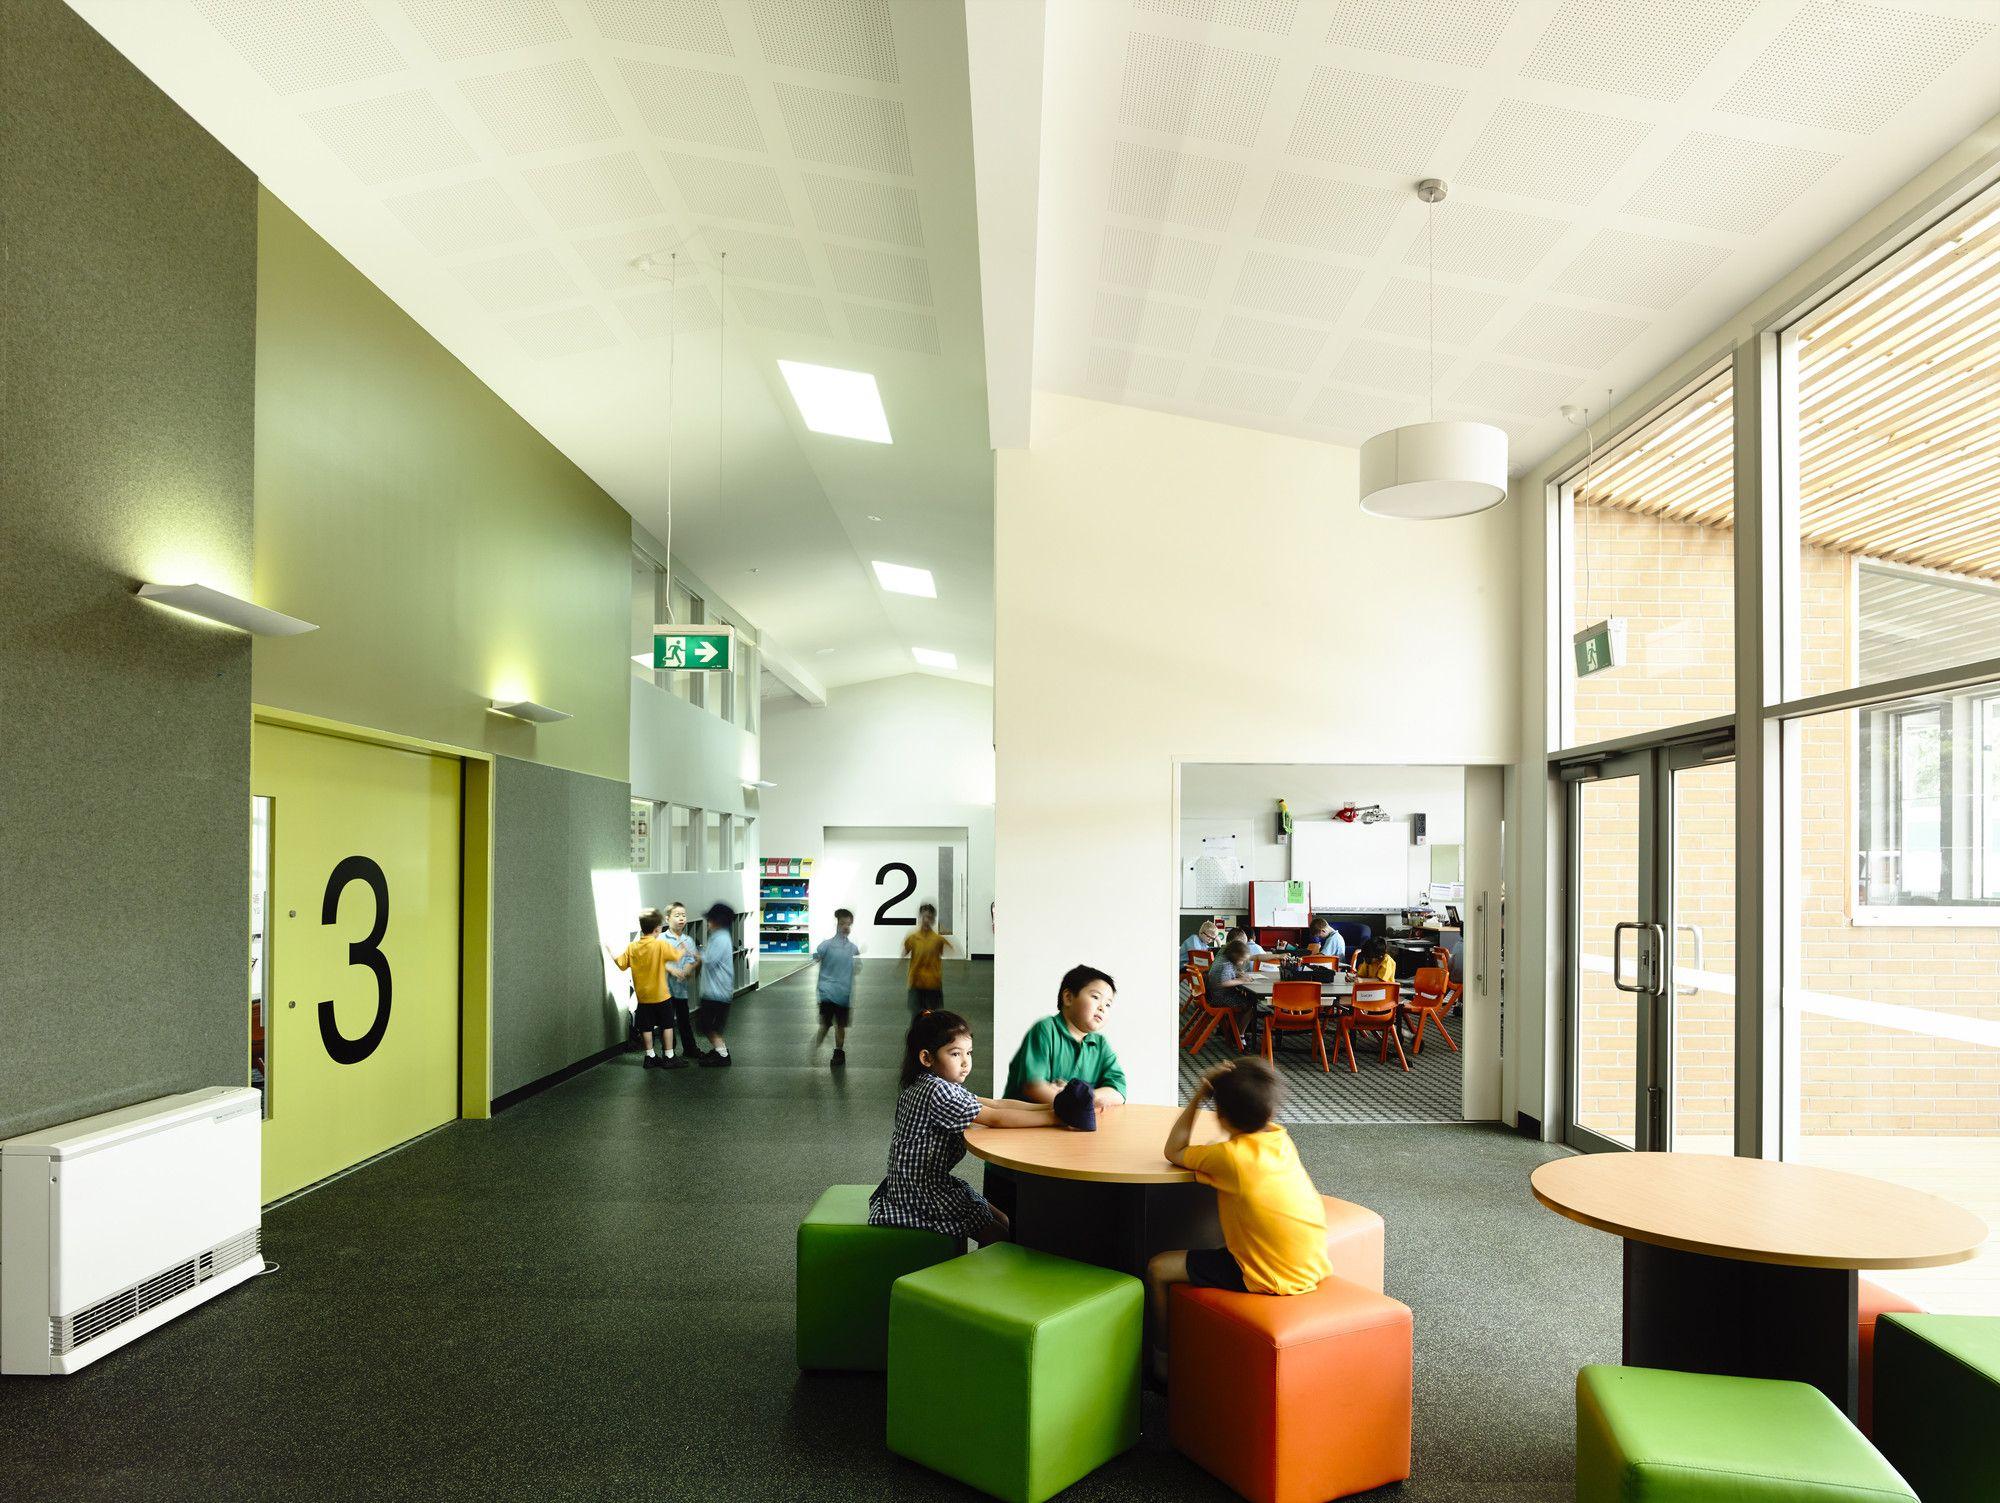 Kerstins Küchentraum ~ Gallery of birralee primary school kerstin thompson architects